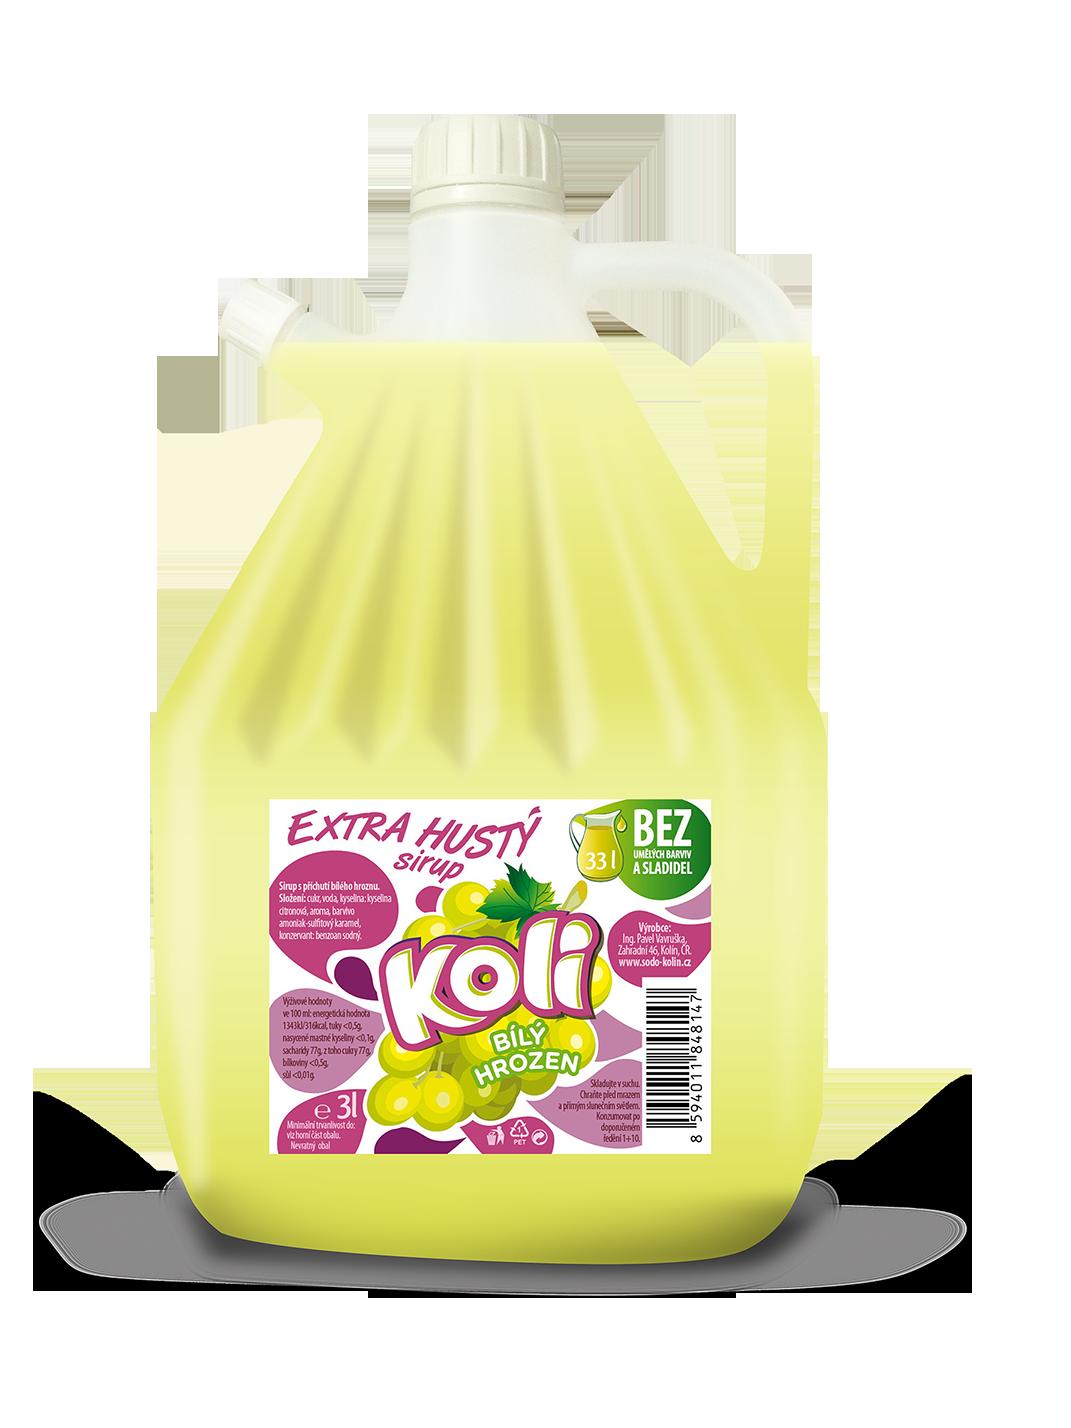 Koli sirup EXTRA hustý 3lt bílý hrozen - osvěžující limonáda s příchutí bílých hroznů. Sodovkárna Kolín